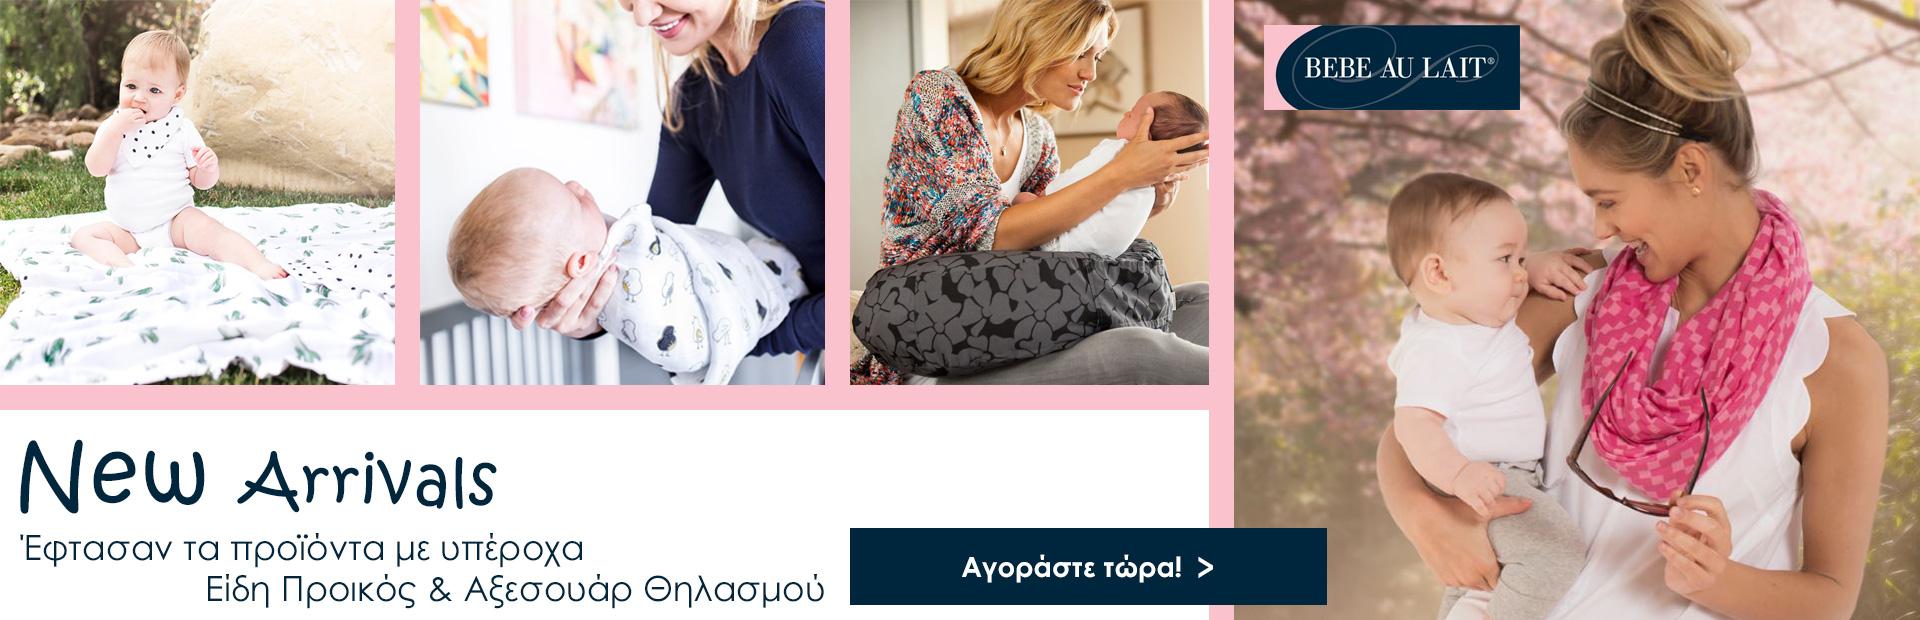 Είδη για την μαμά και το παιδί! - Bebe au Lait